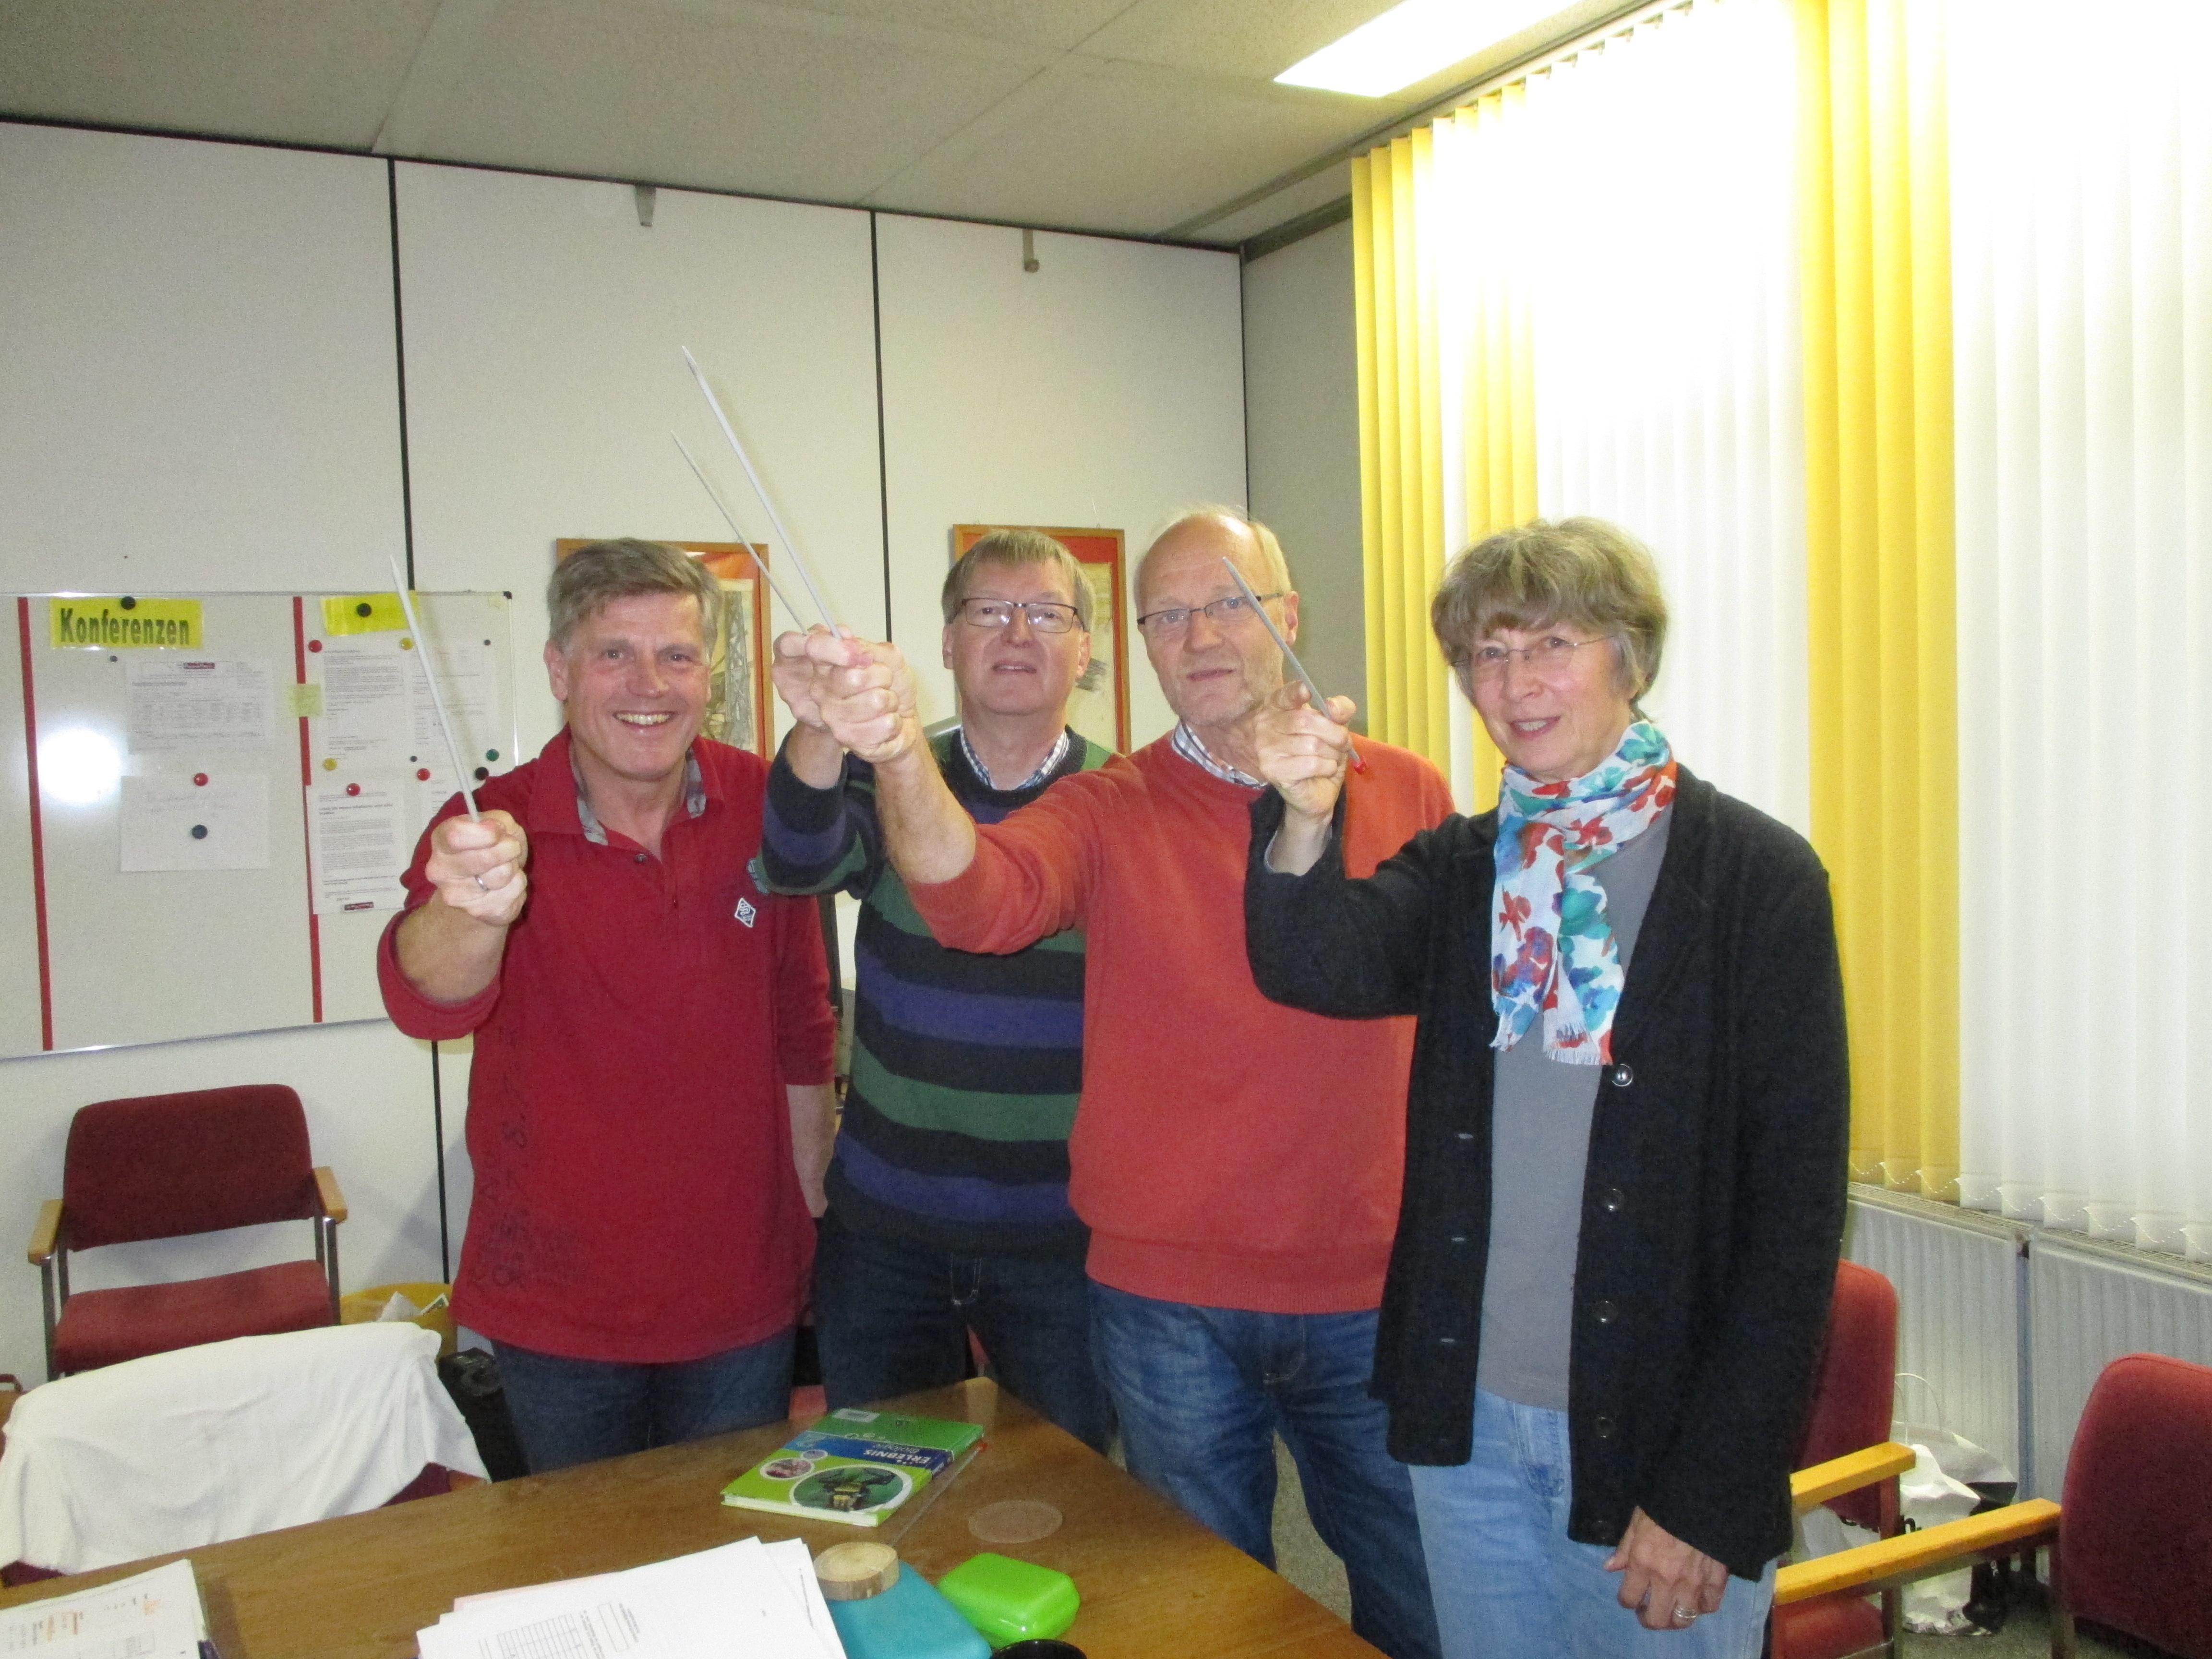 Die 60plus Kolleg/inn/en der OBS Weener: Wir werden weiter sticheln!! Her mit der Altersermäßigung!!